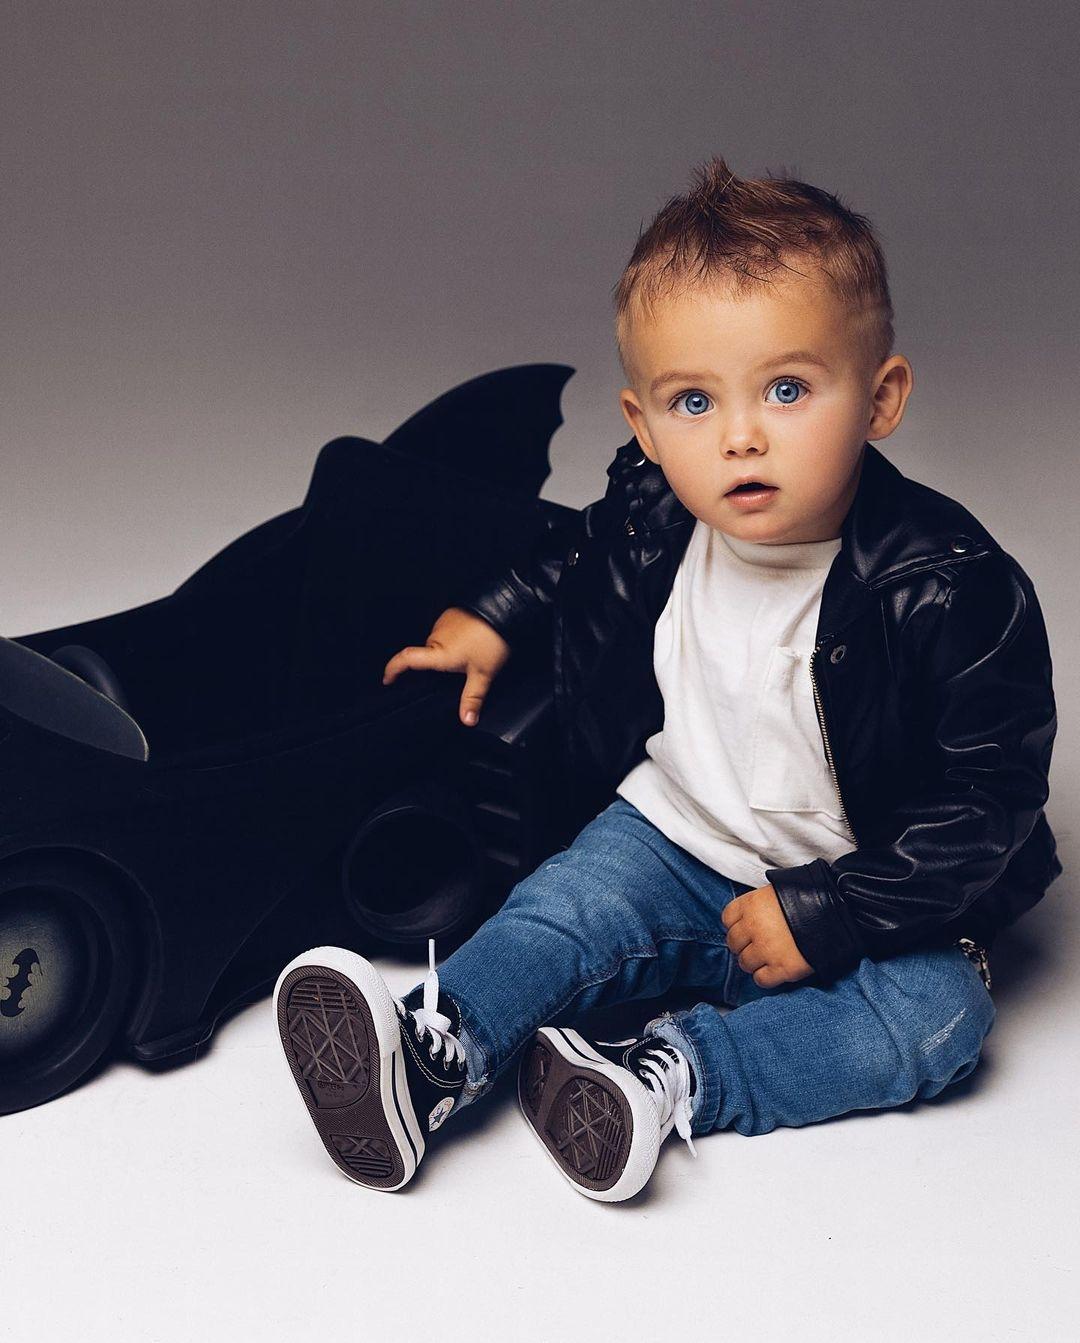 """""""Посмотрите на это милашество"""": подросший сын Оксаны Самойловой снялся в модной фотосессии - фото №2"""